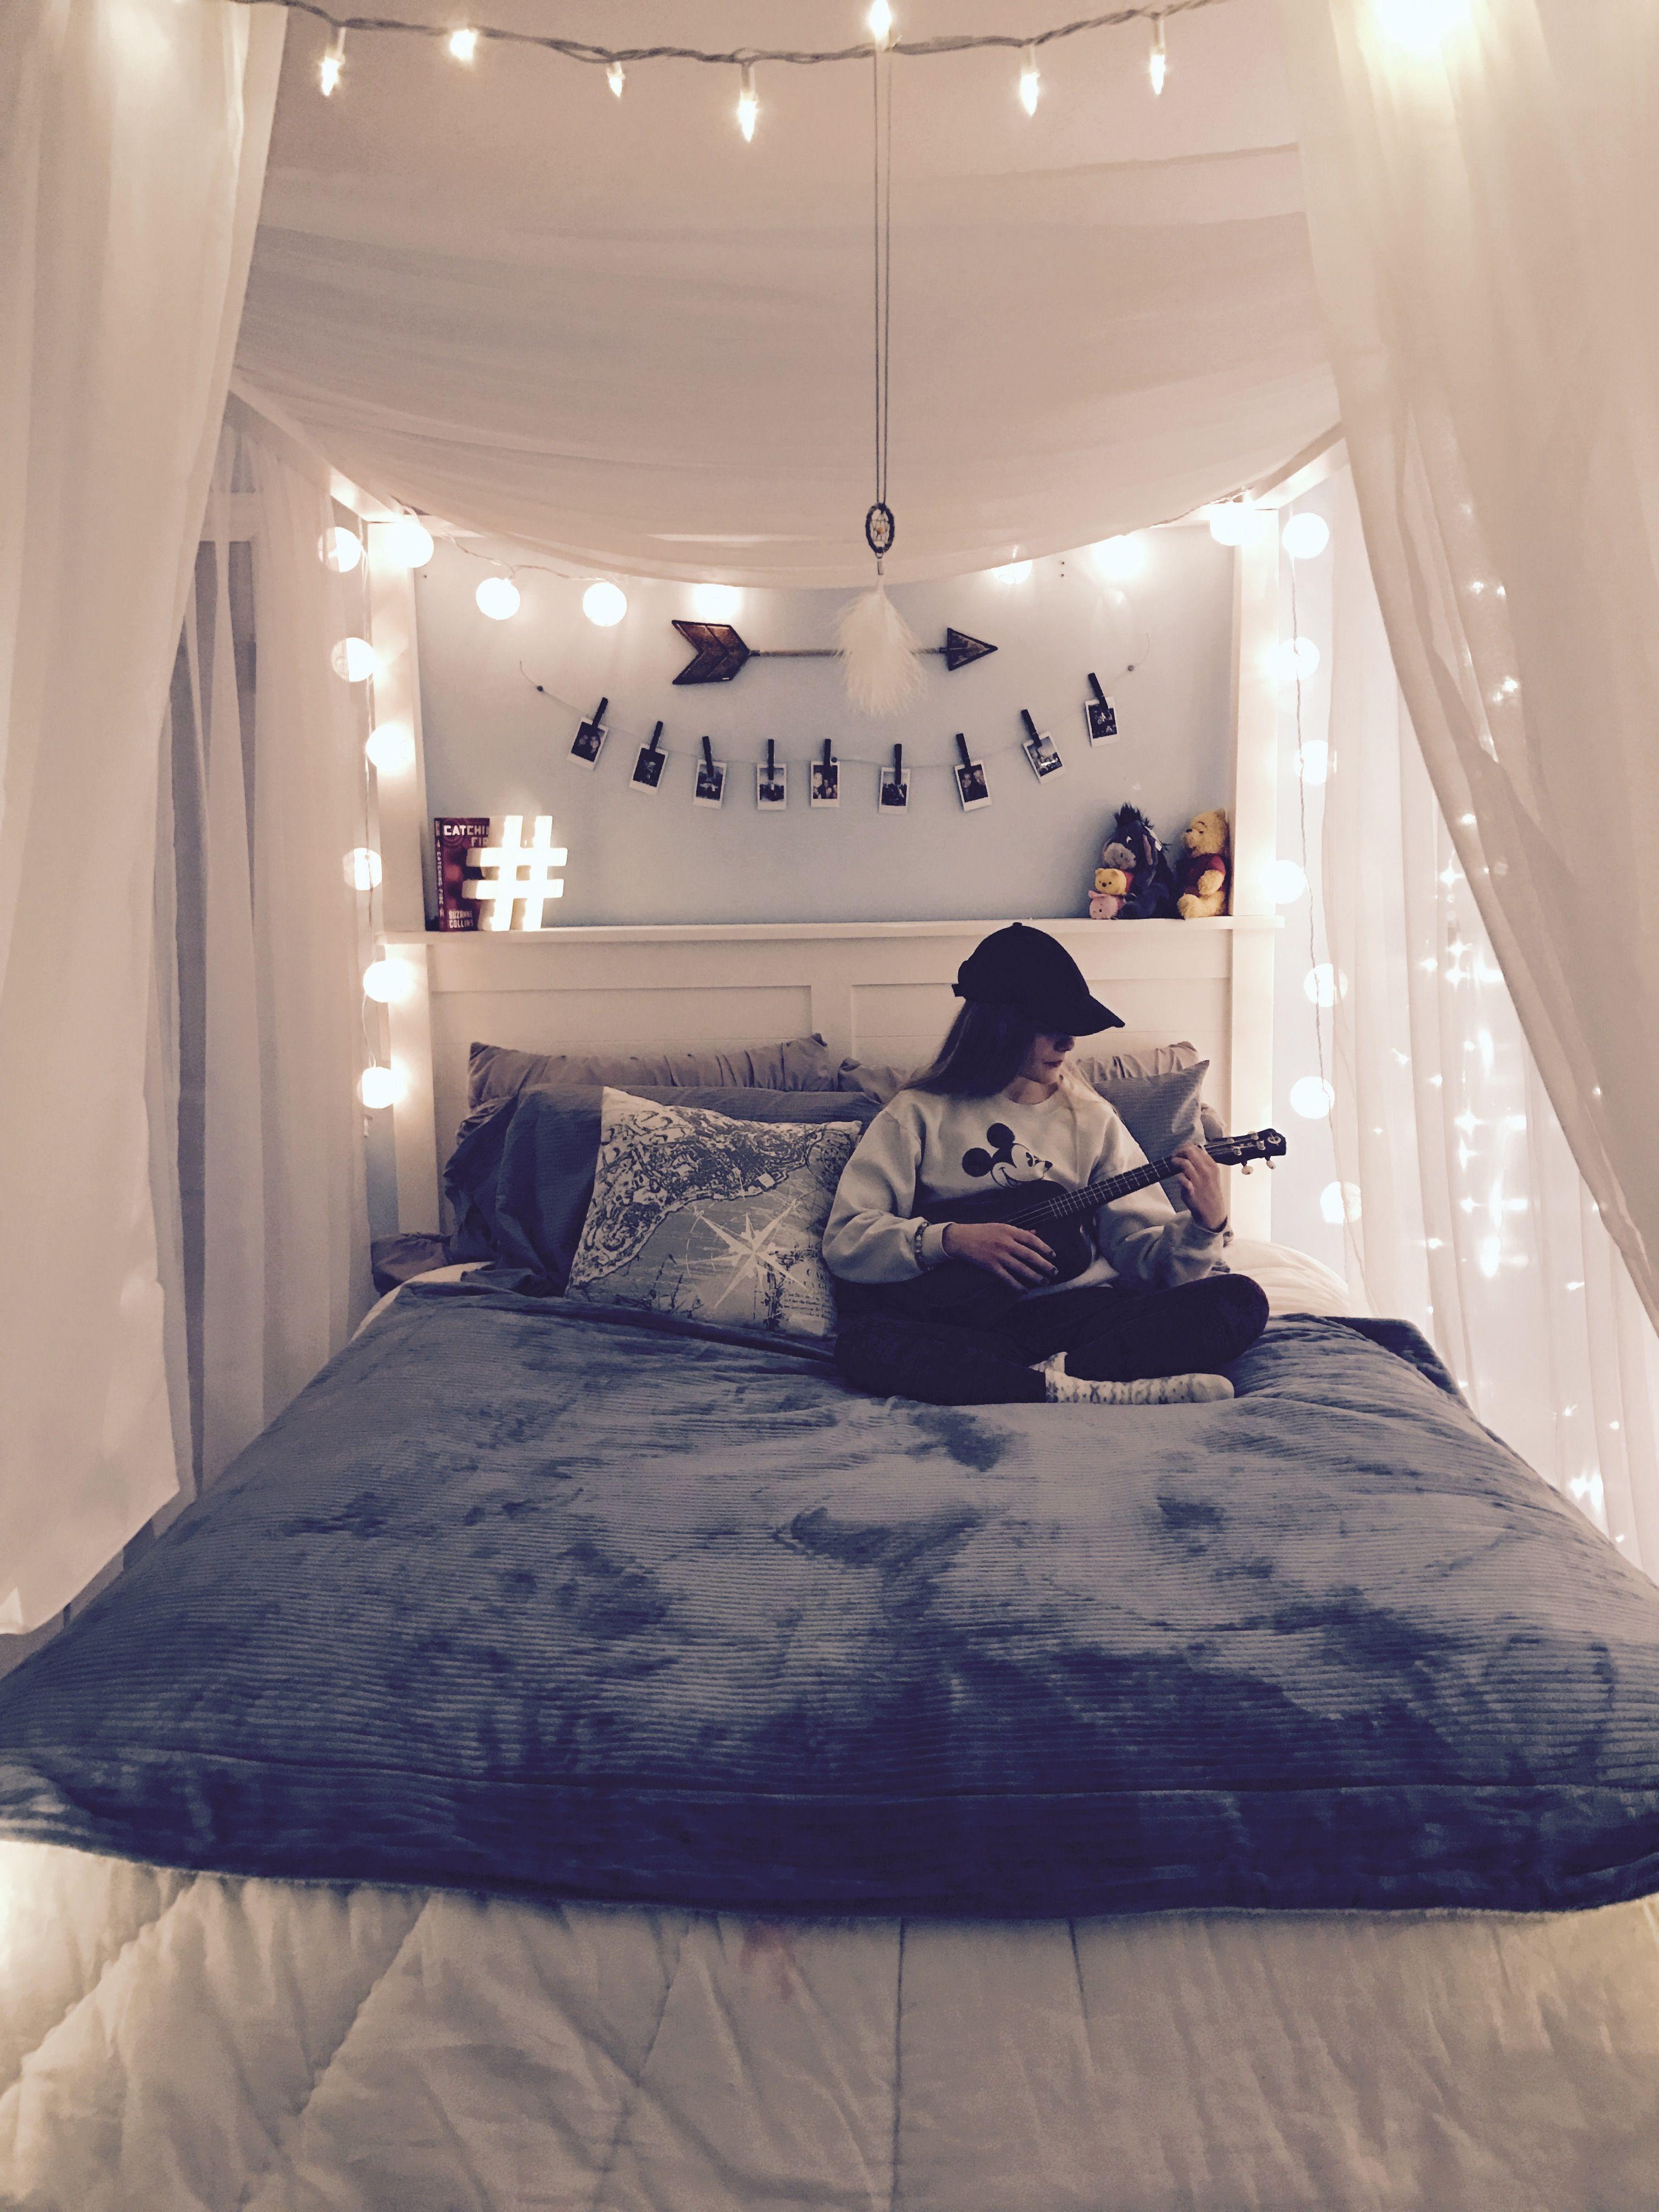 Bedroom ideas for teenage girls Bedroom rejuvenation ideas for teenage girls DIY room decor for teenagers    XWYWQMN